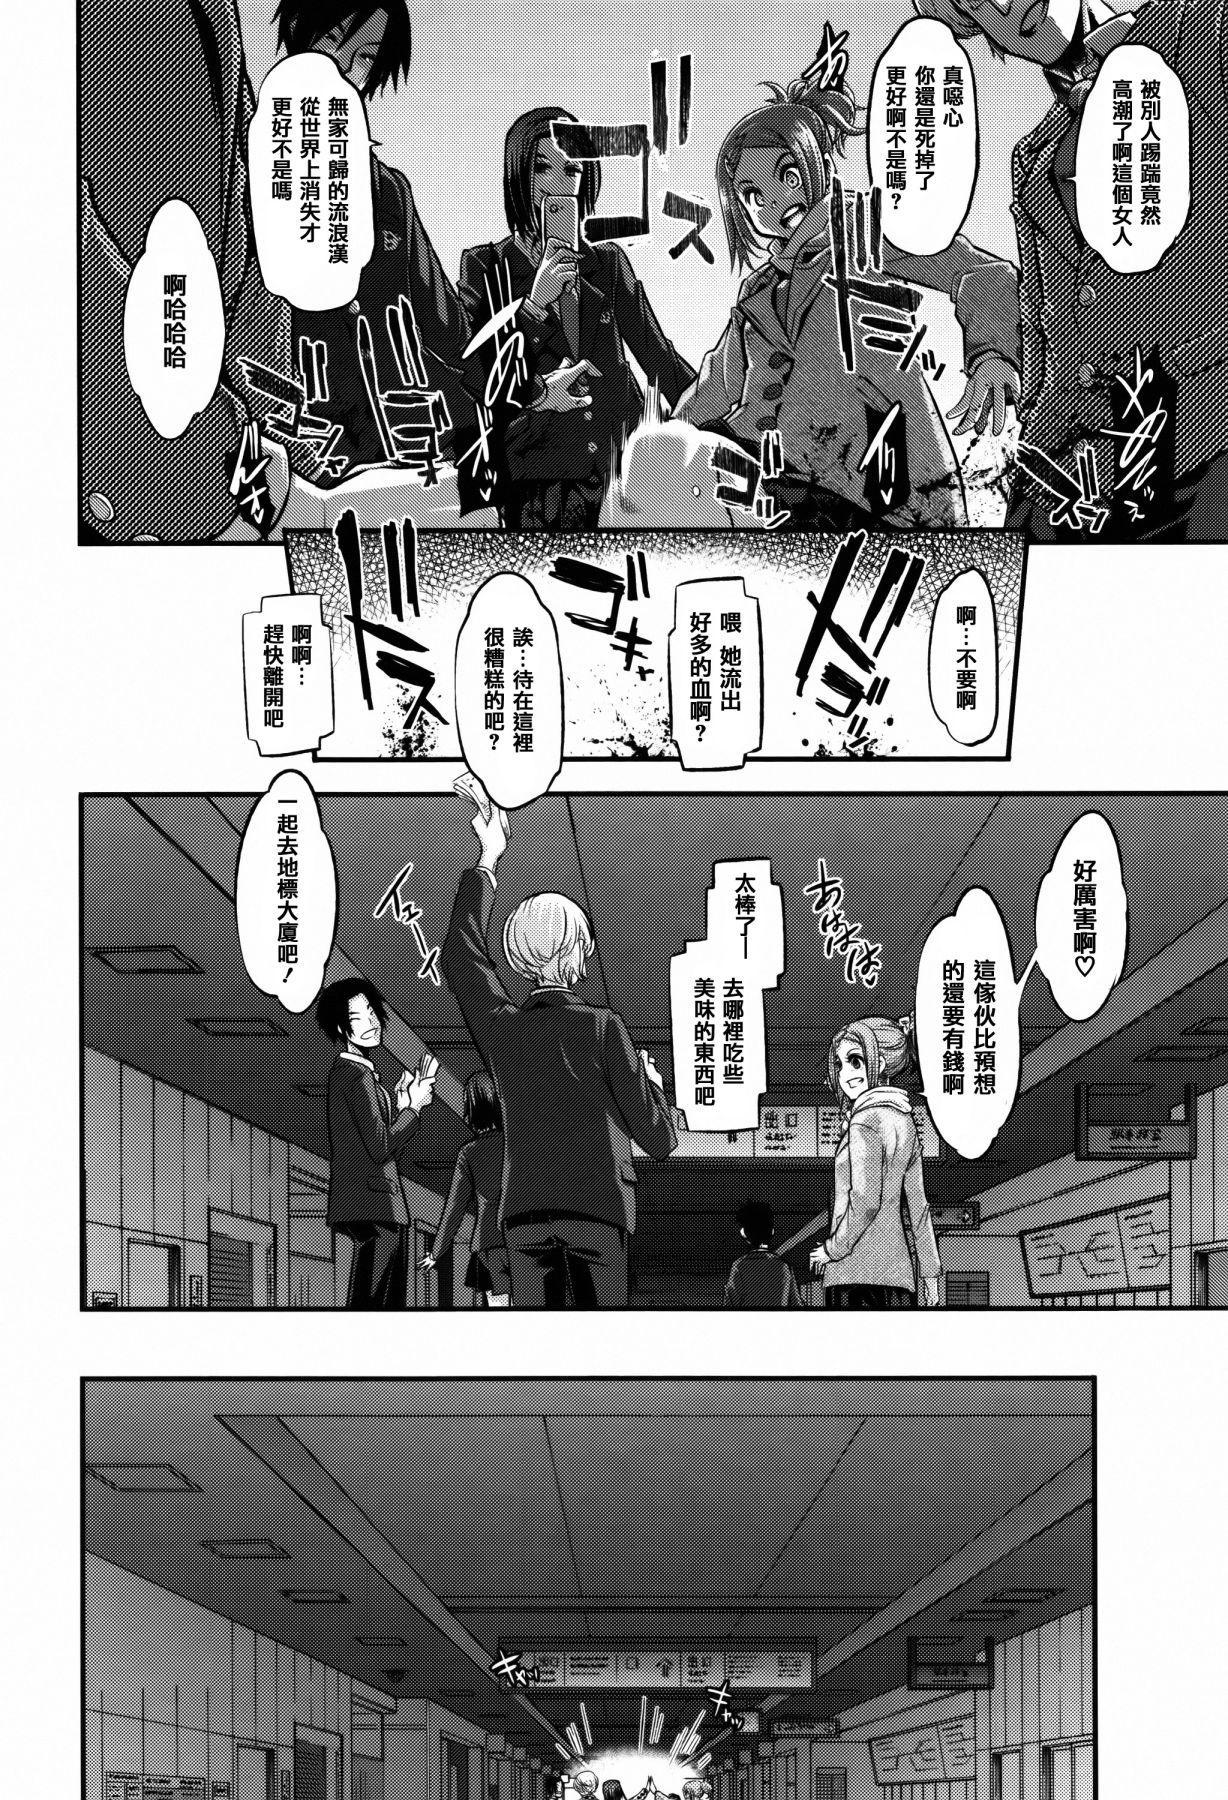 変身 + 4Pリーフレット 237